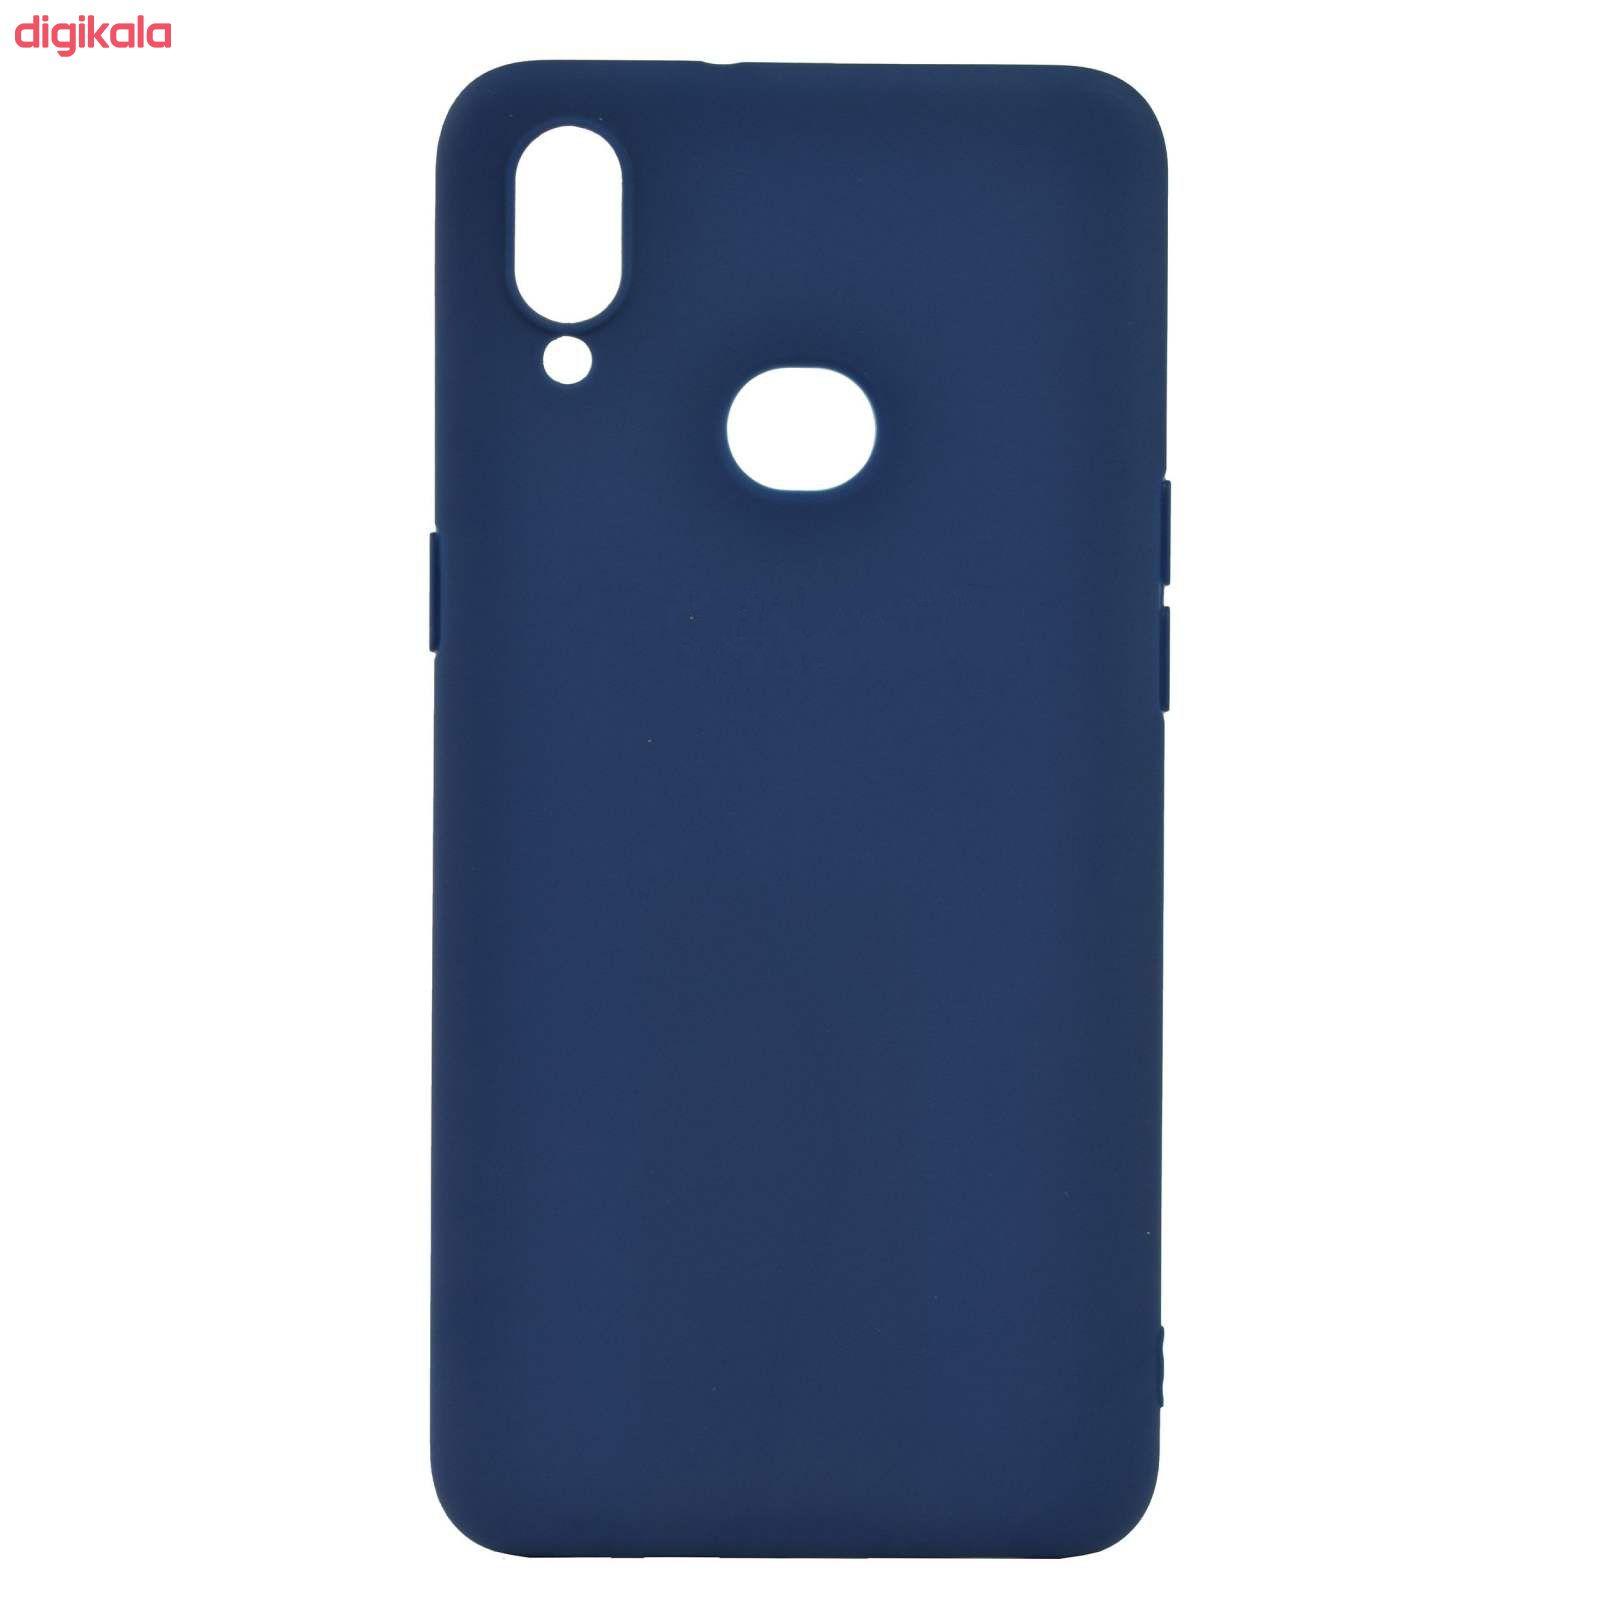 کاور مدل slc مناسب برای گوشی موبایل سامسونگ Galaxy A10s main 1 1